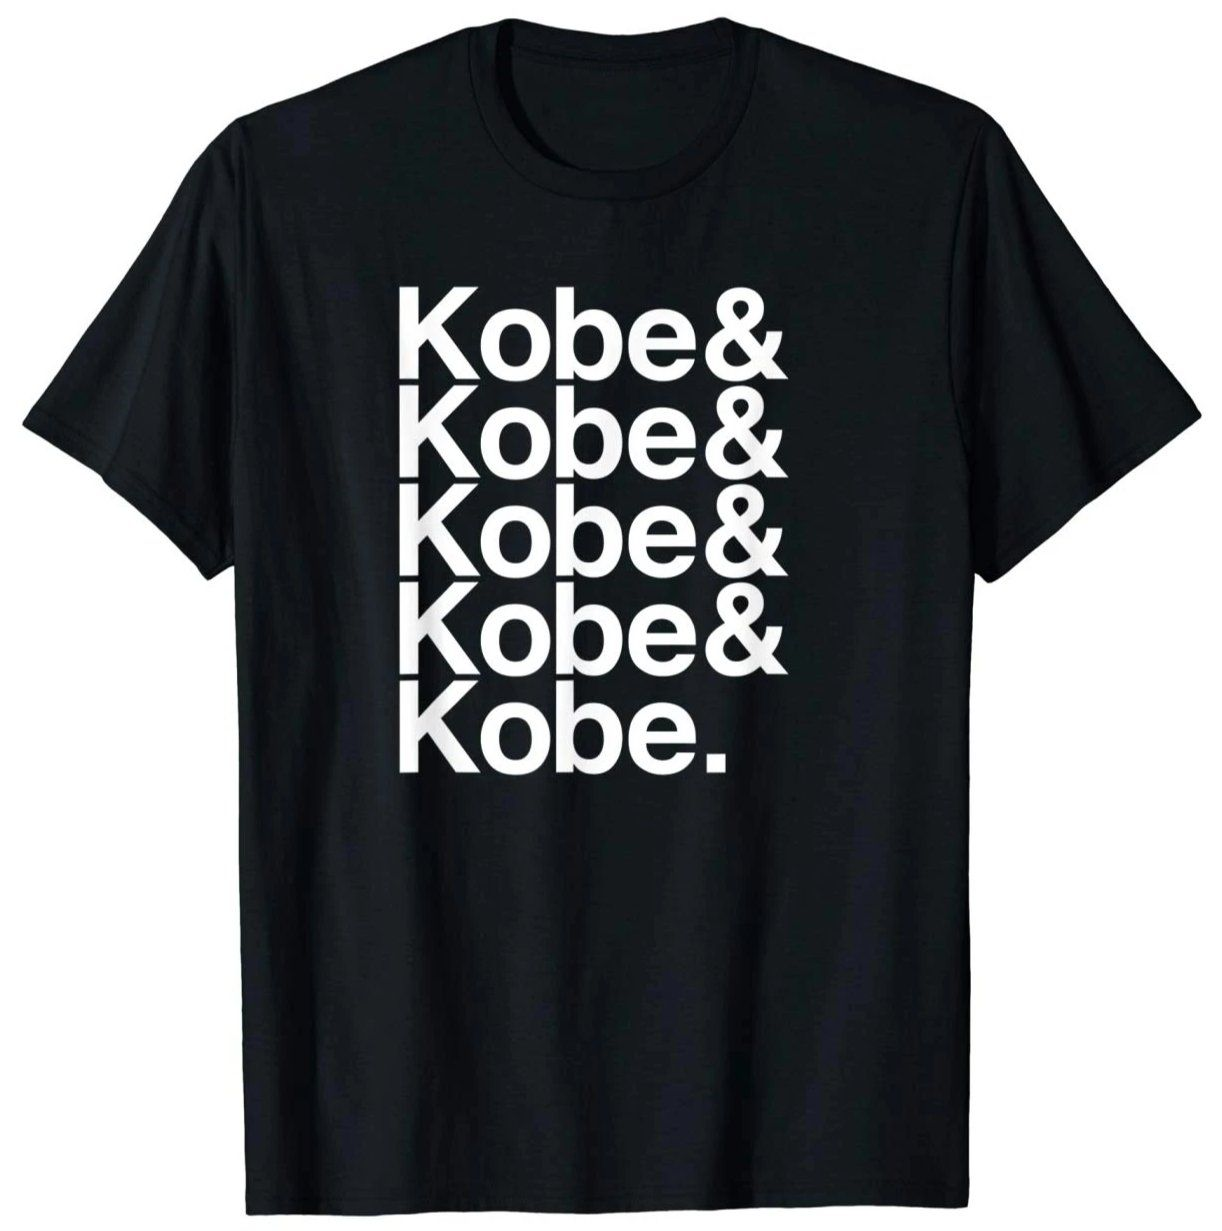 Kobe & Kobe T-Shirt